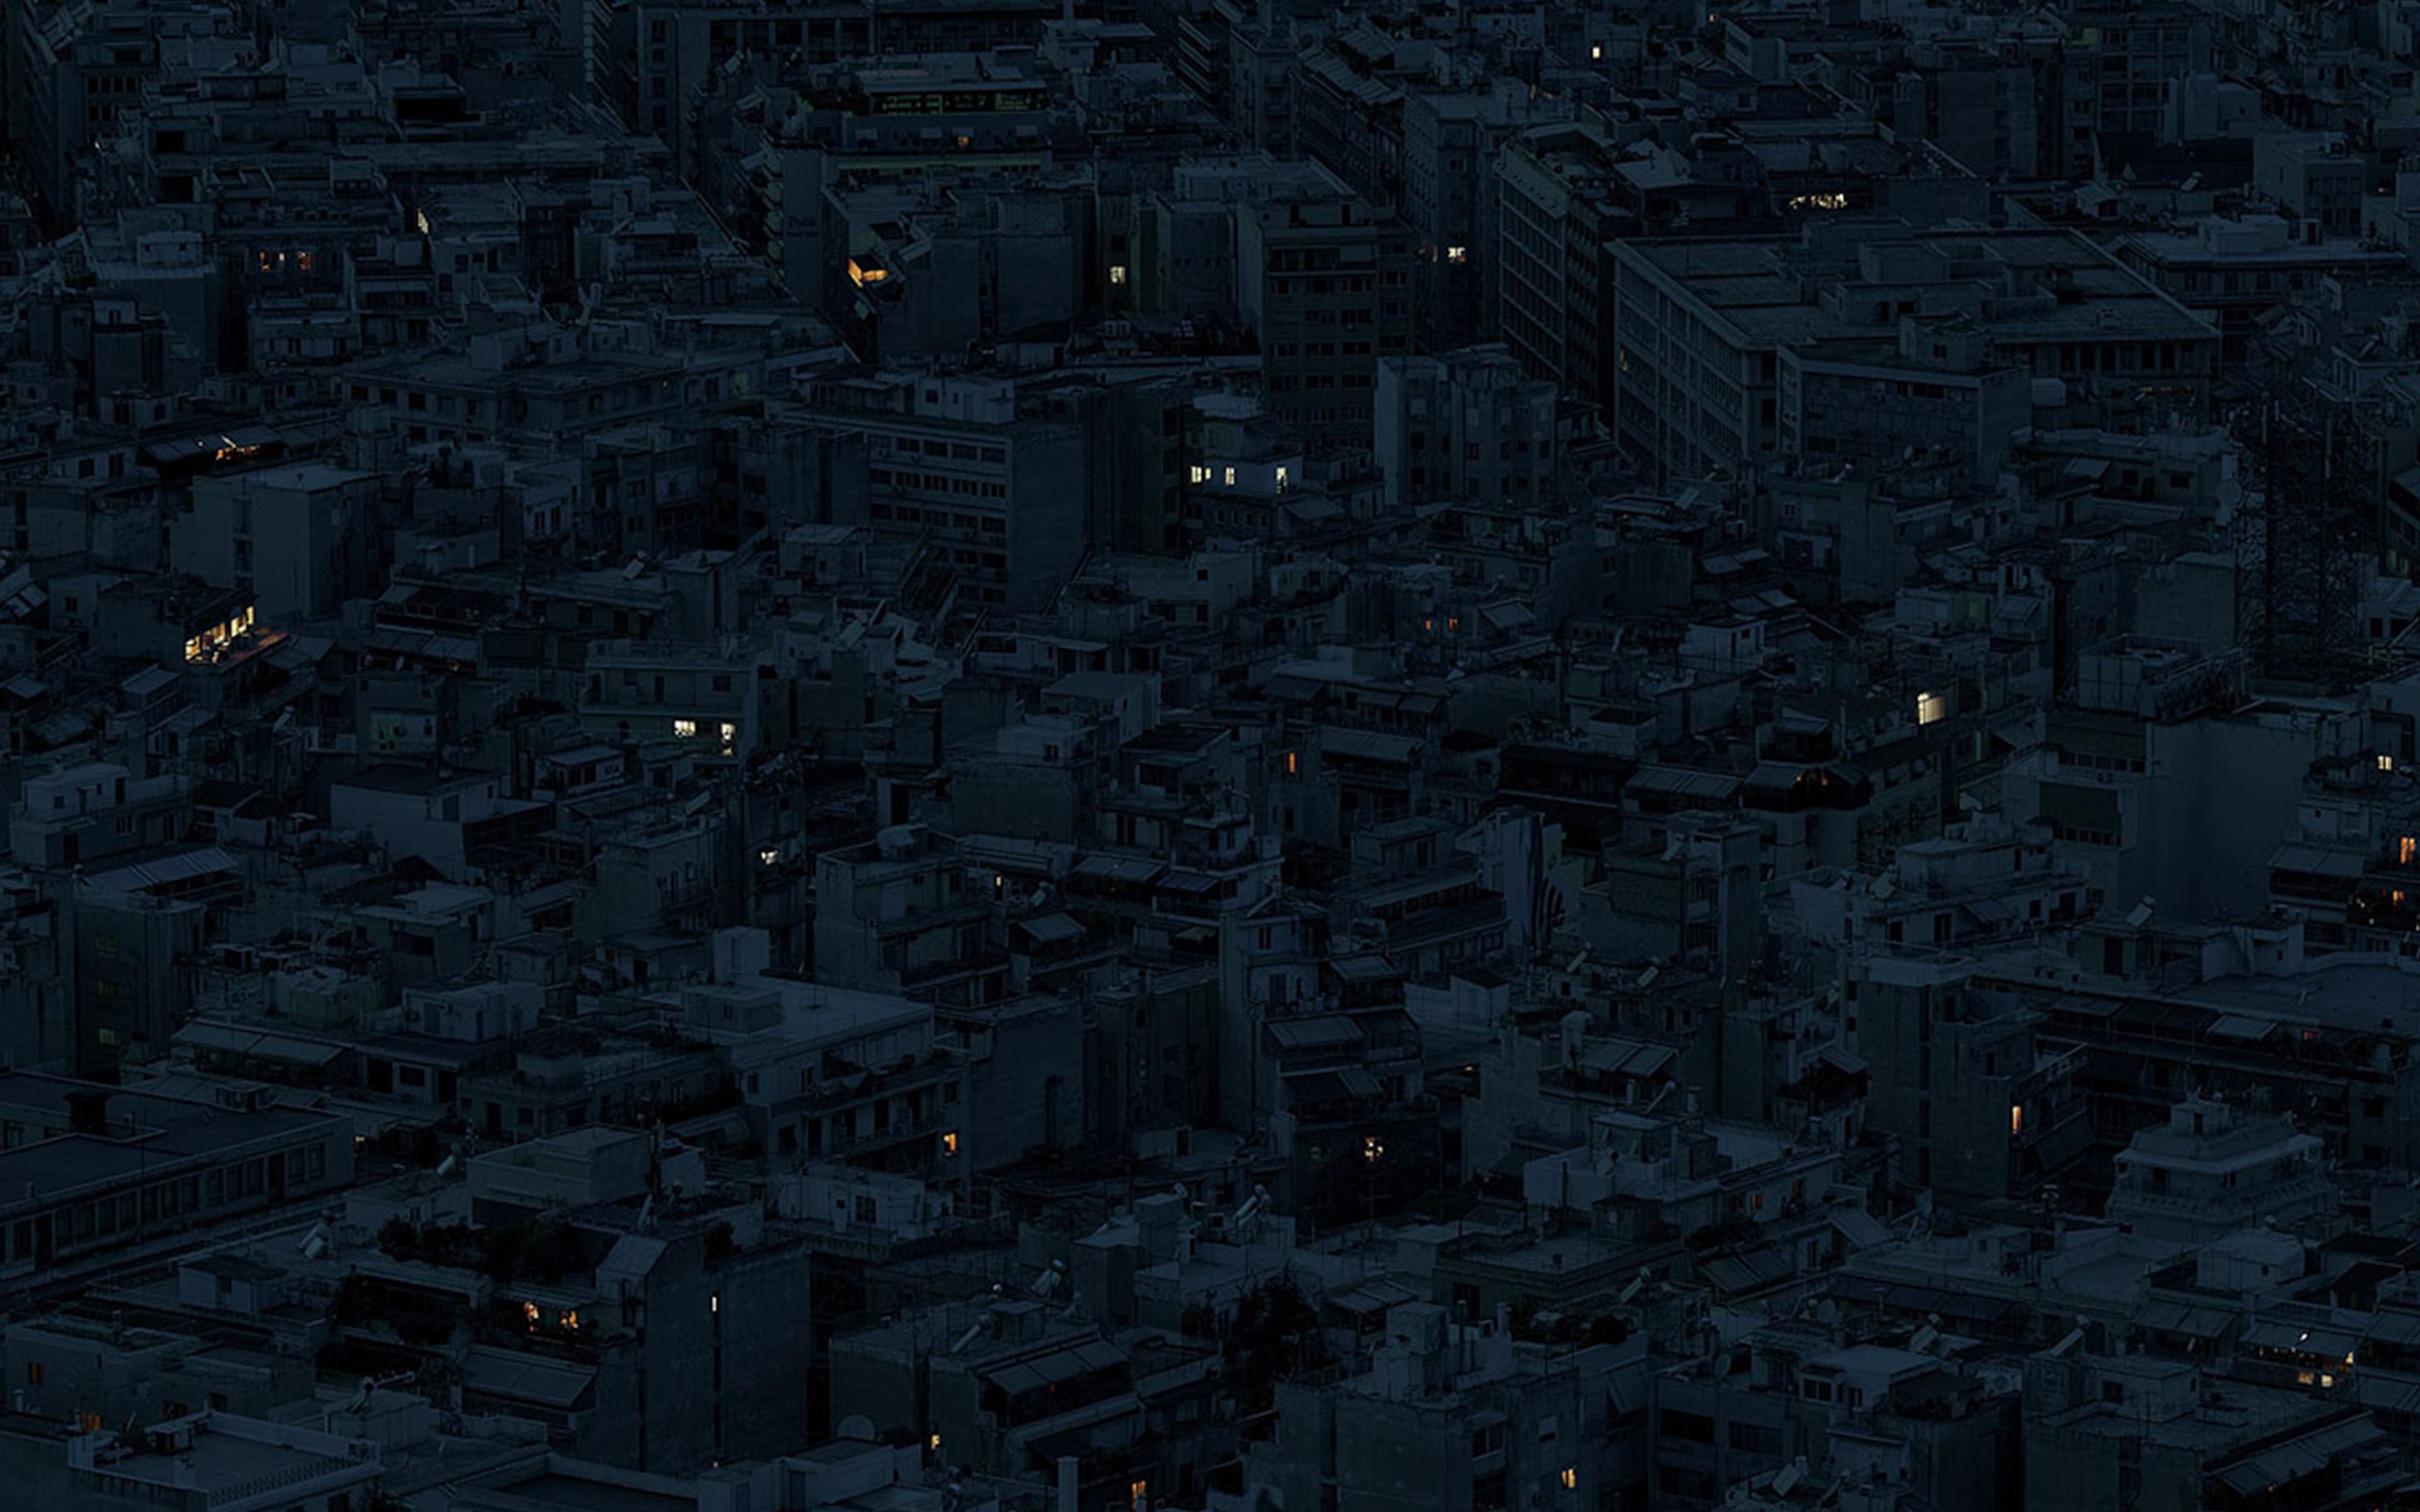 bd77-night-city-dark-art-illustration-wallpaper